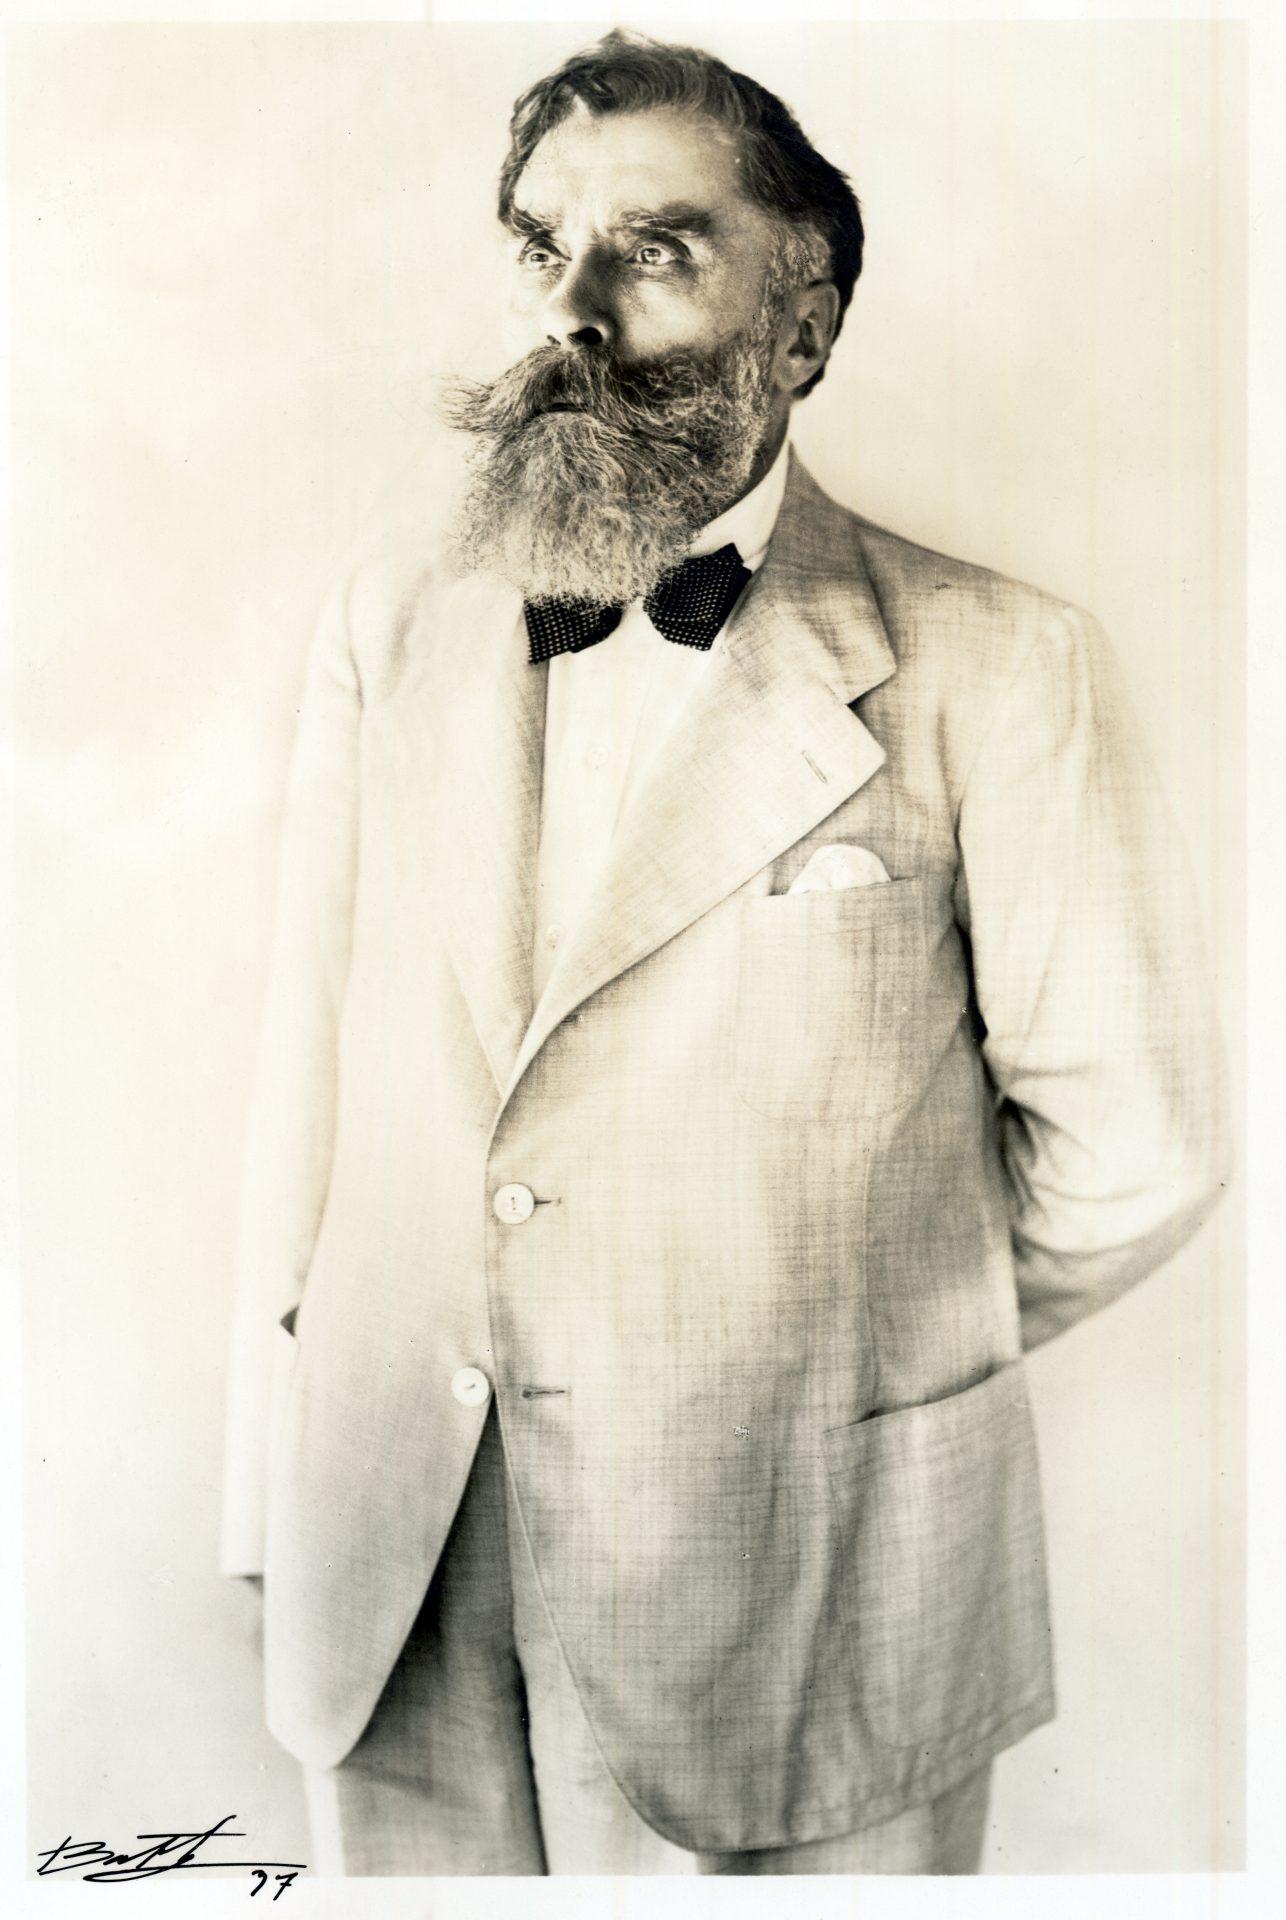 Alexandre Varenne - Saïgon, 1937